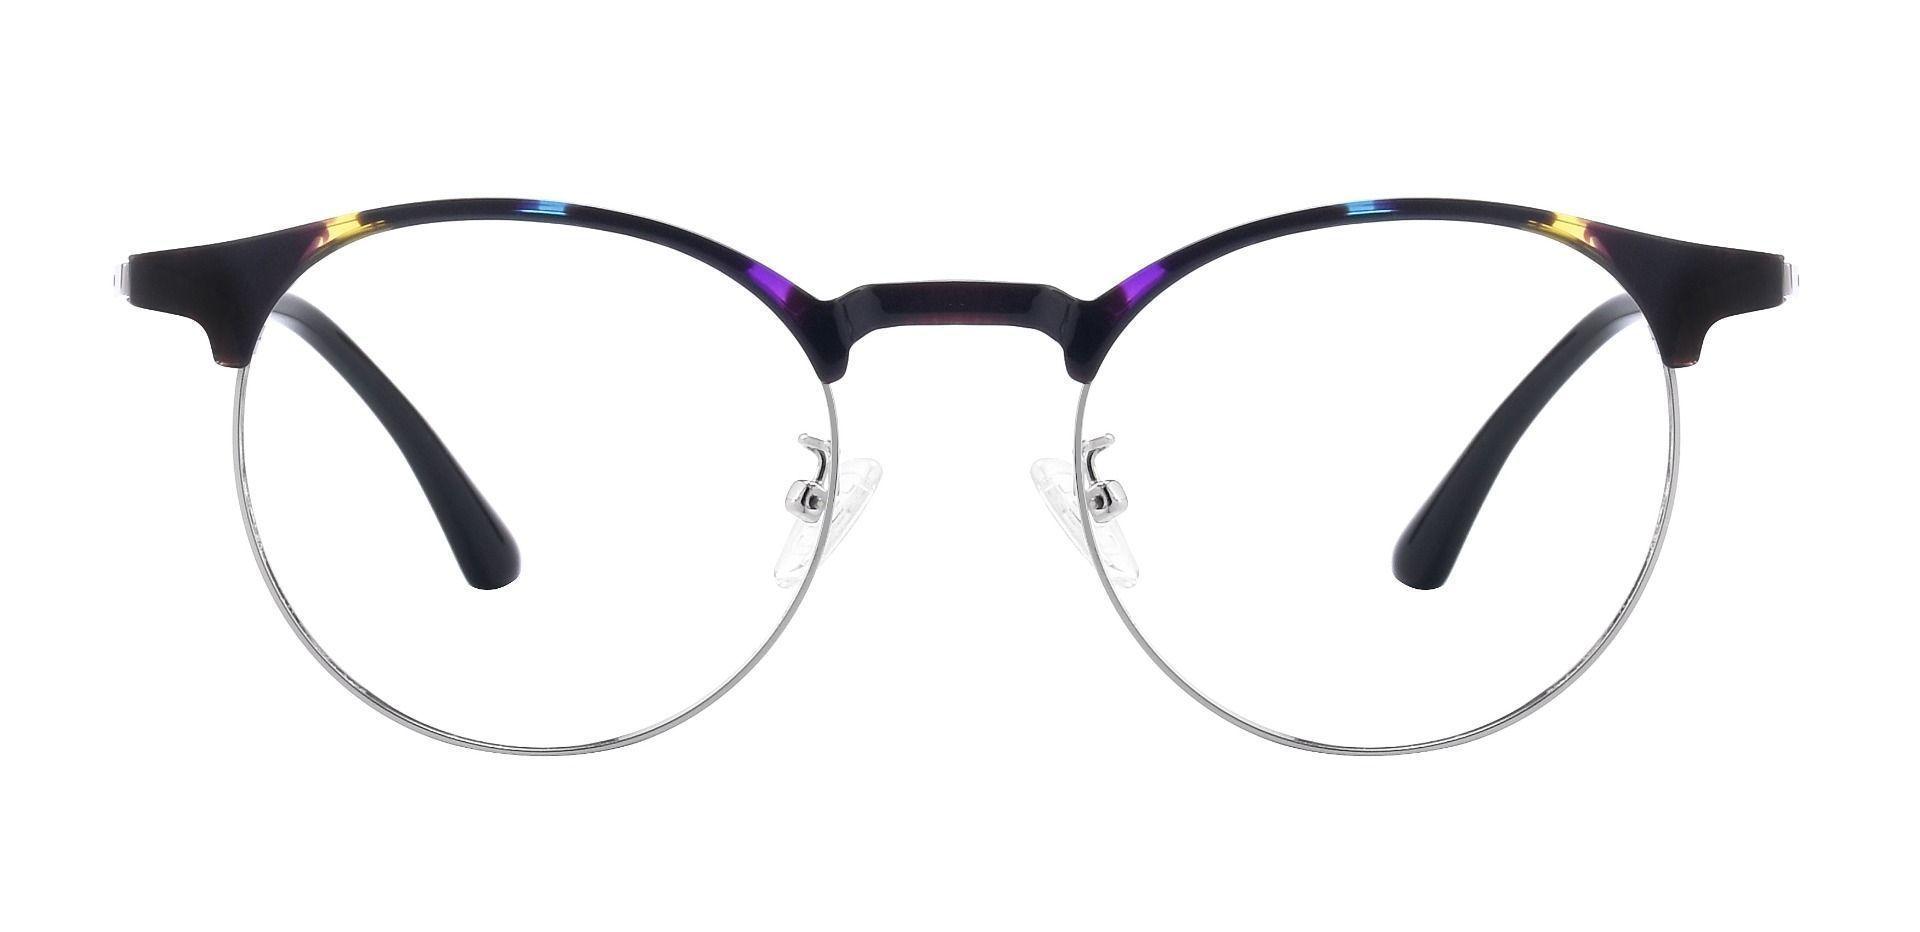 Titus Browline Prescription Glasses - Two